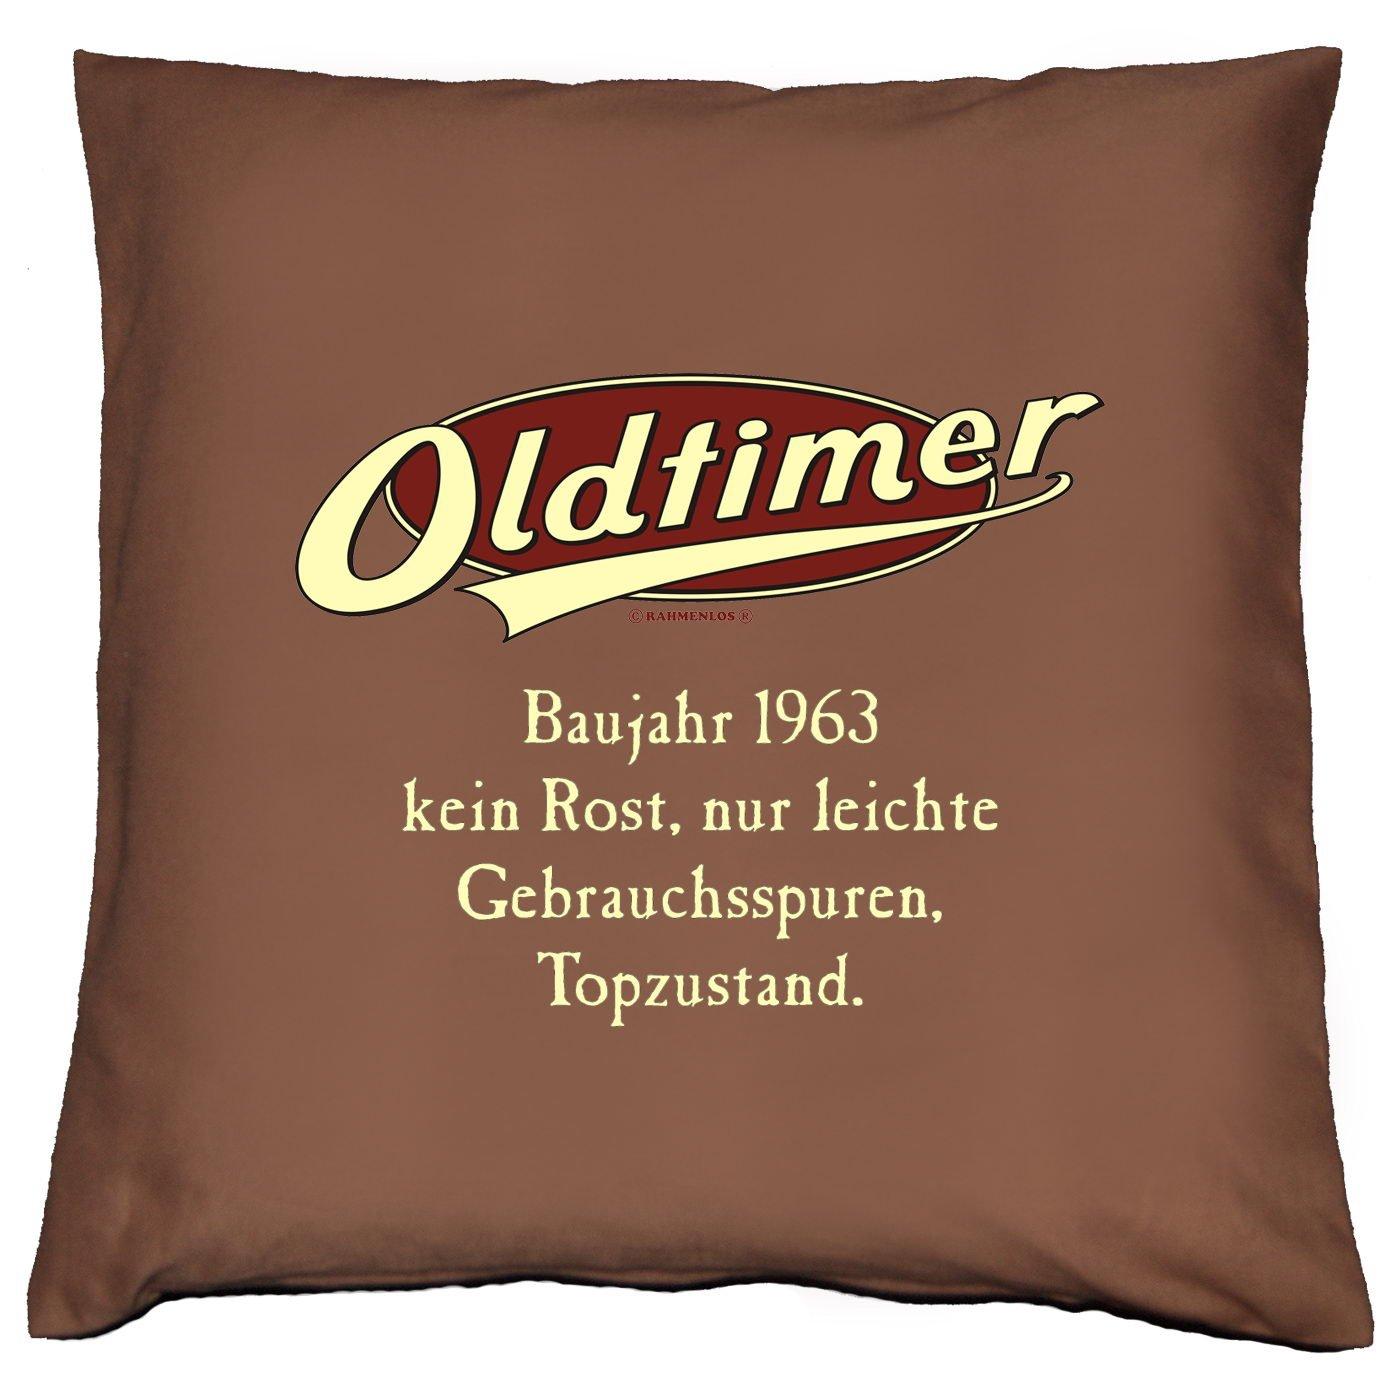 Kissen mit Innenkissen – OLDTIMER BAUJAHR 1963 – kein Rost, nur leichte Gebrauchsspuren, Topzustand. – zum 50. Geburtstag Geschenk – 40 x 40 cm – in schoco-braun günstig online kaufen